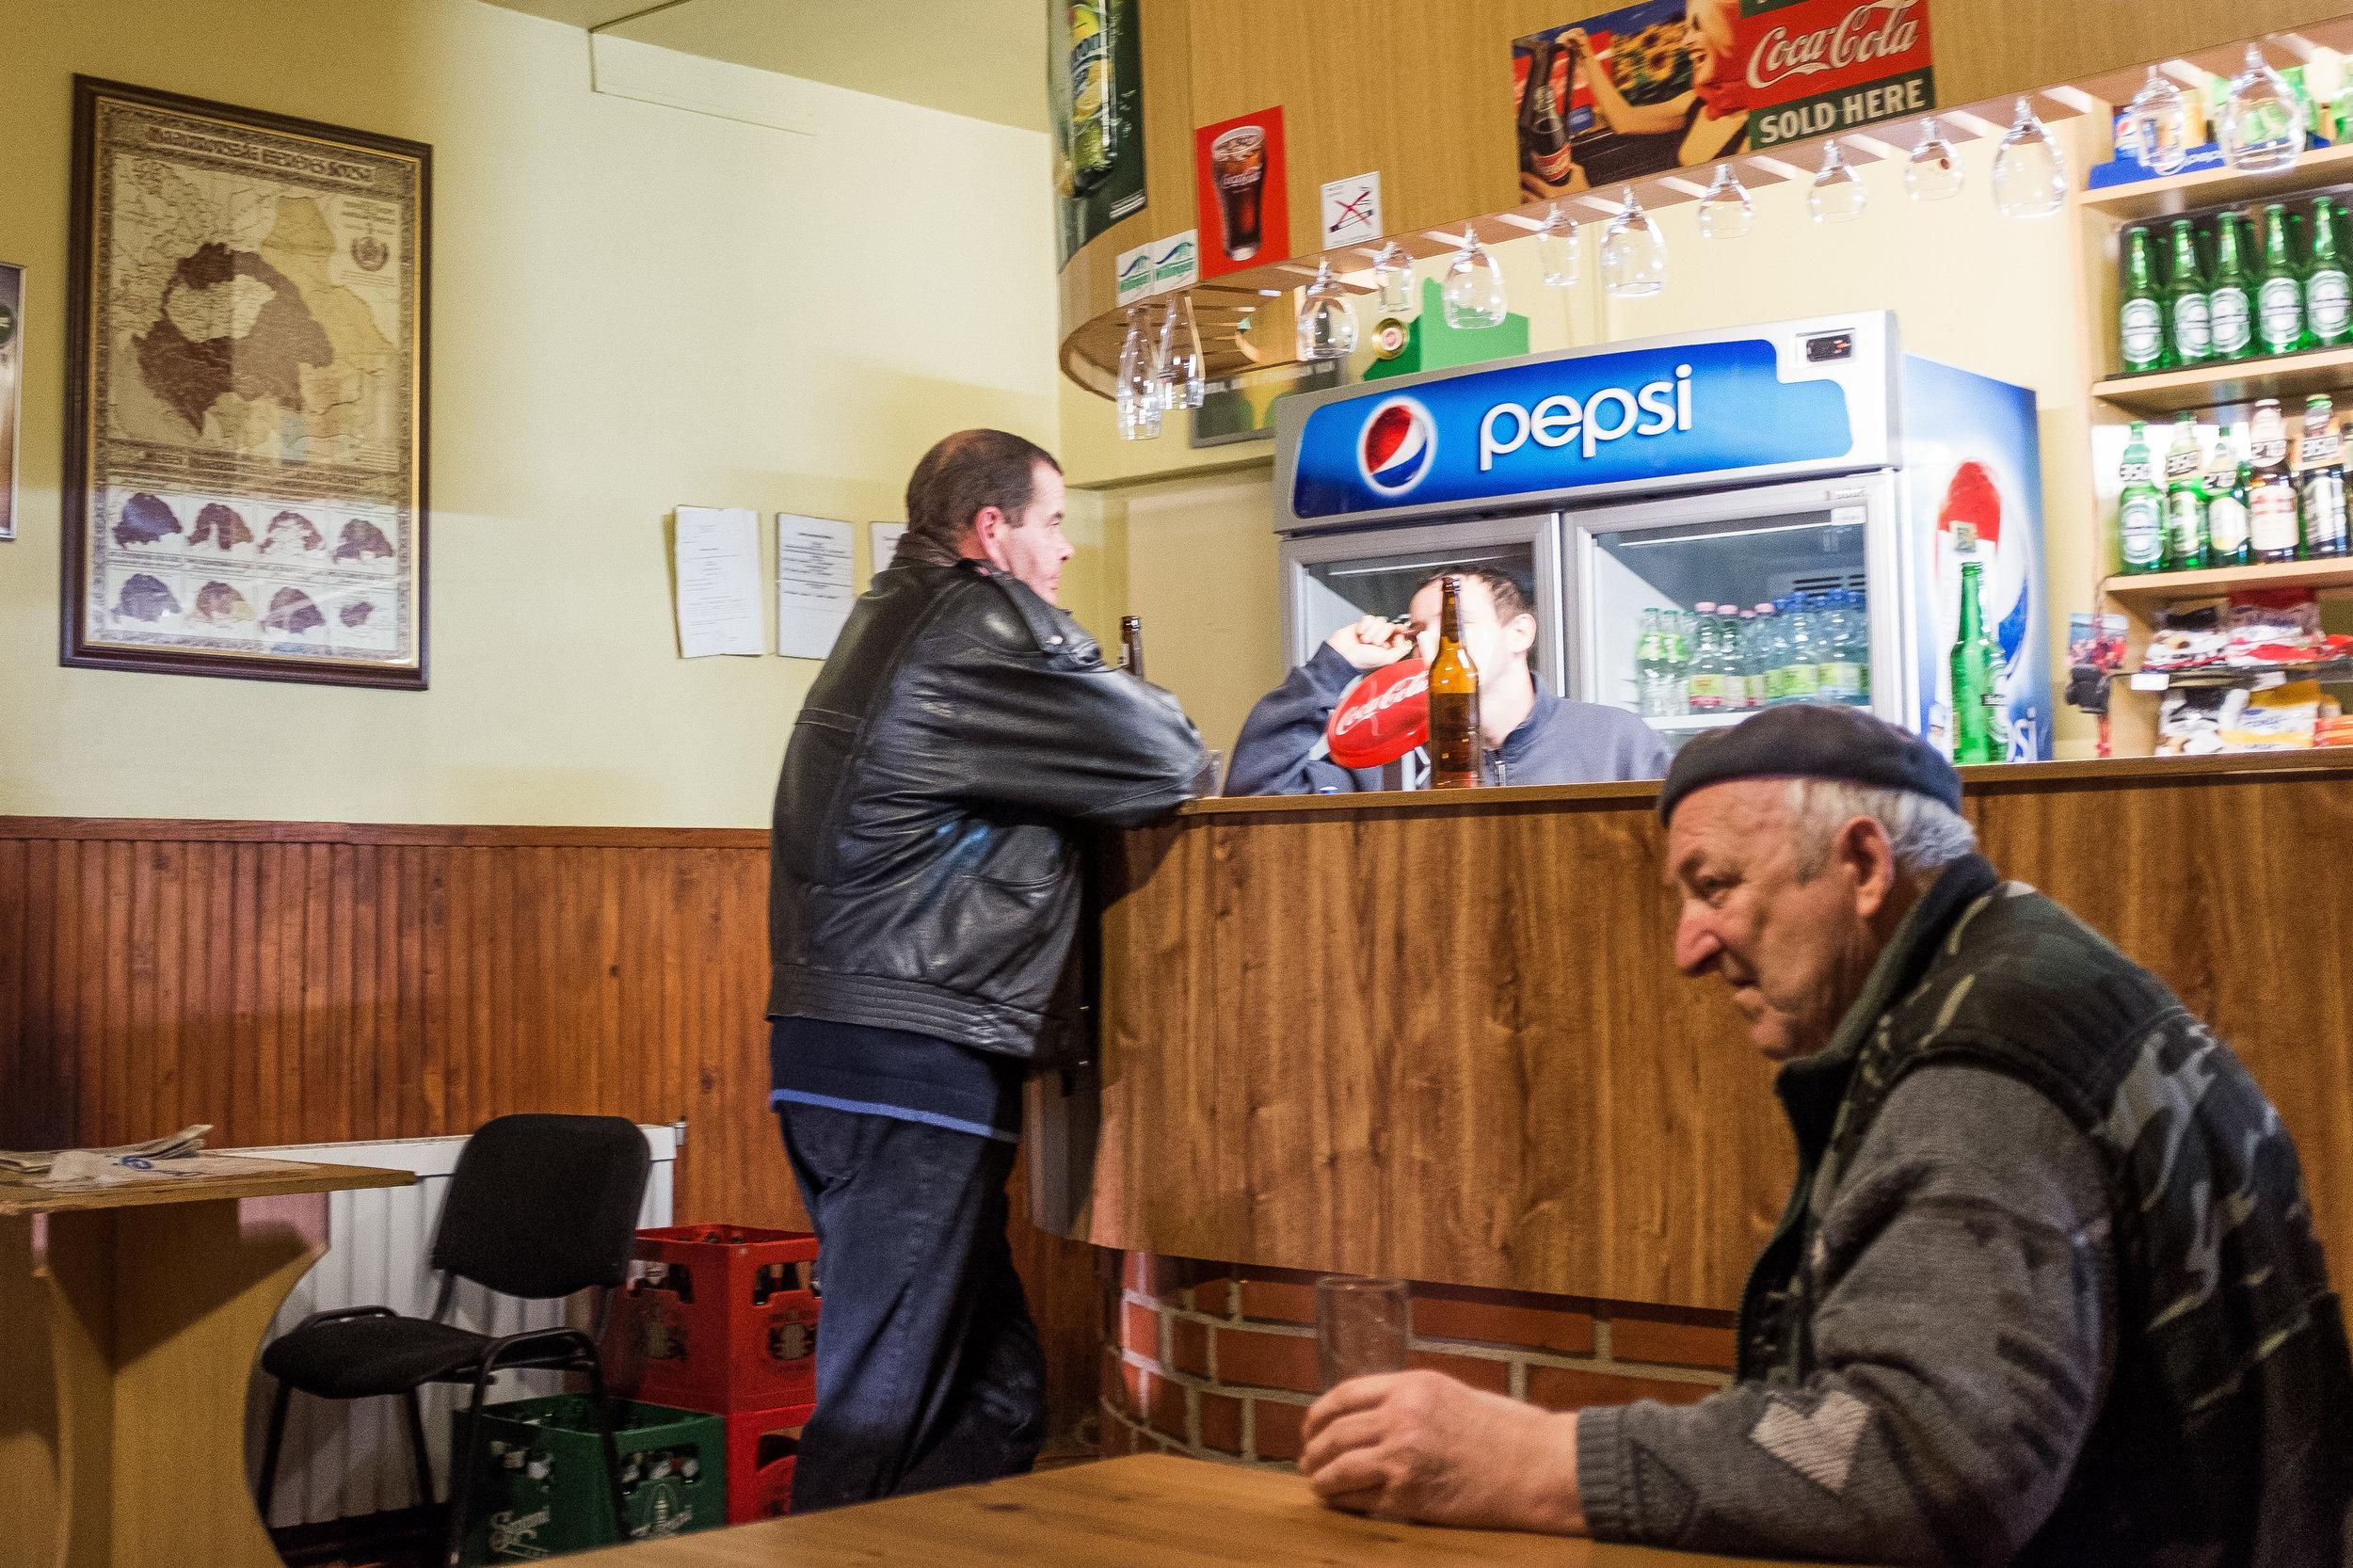 The local 'kocsma', or pub.